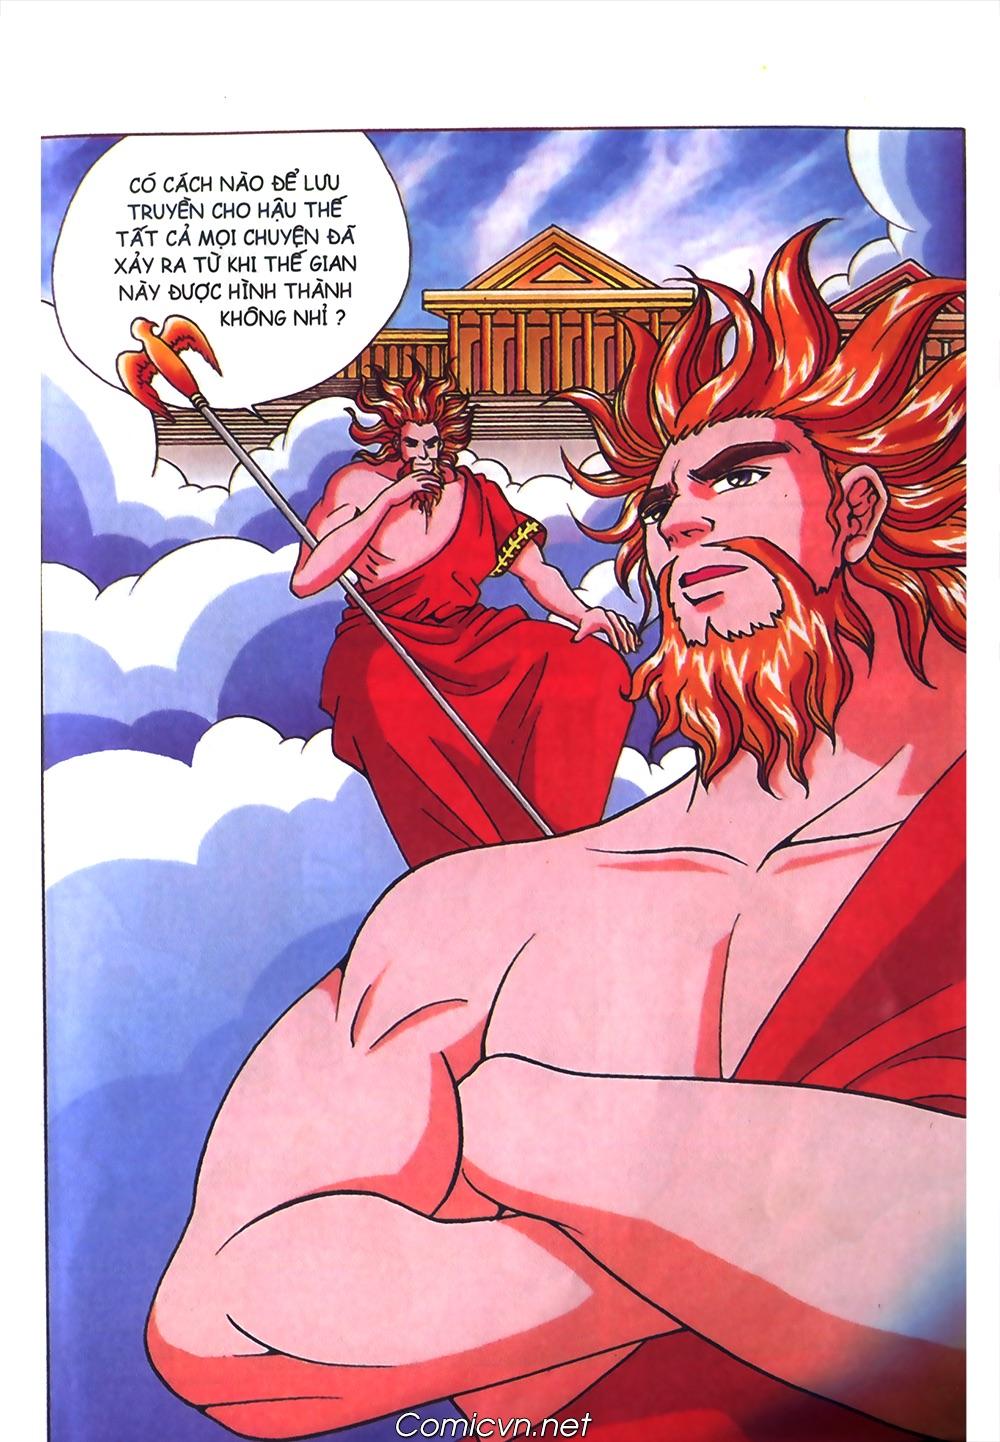 Thần Thoại Hy Lạp Màu - Chapter 40: Chuyện tình buồn của chàng Ô phê - Pic 5